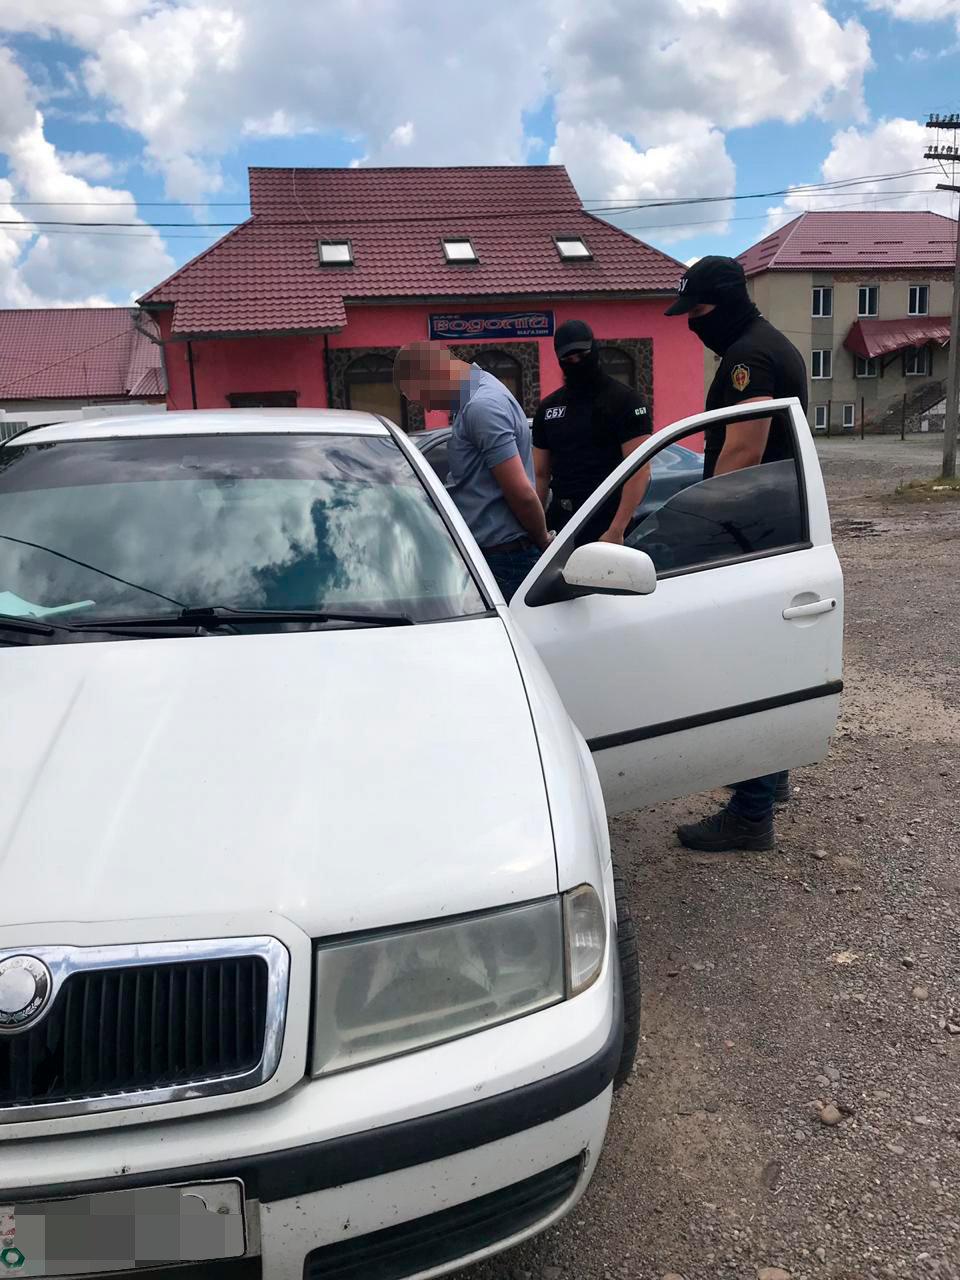 Закарпатські правоохоронці затримали начальника філії центру пробації при отриманні $400 хабара (ФОТО), фото-1